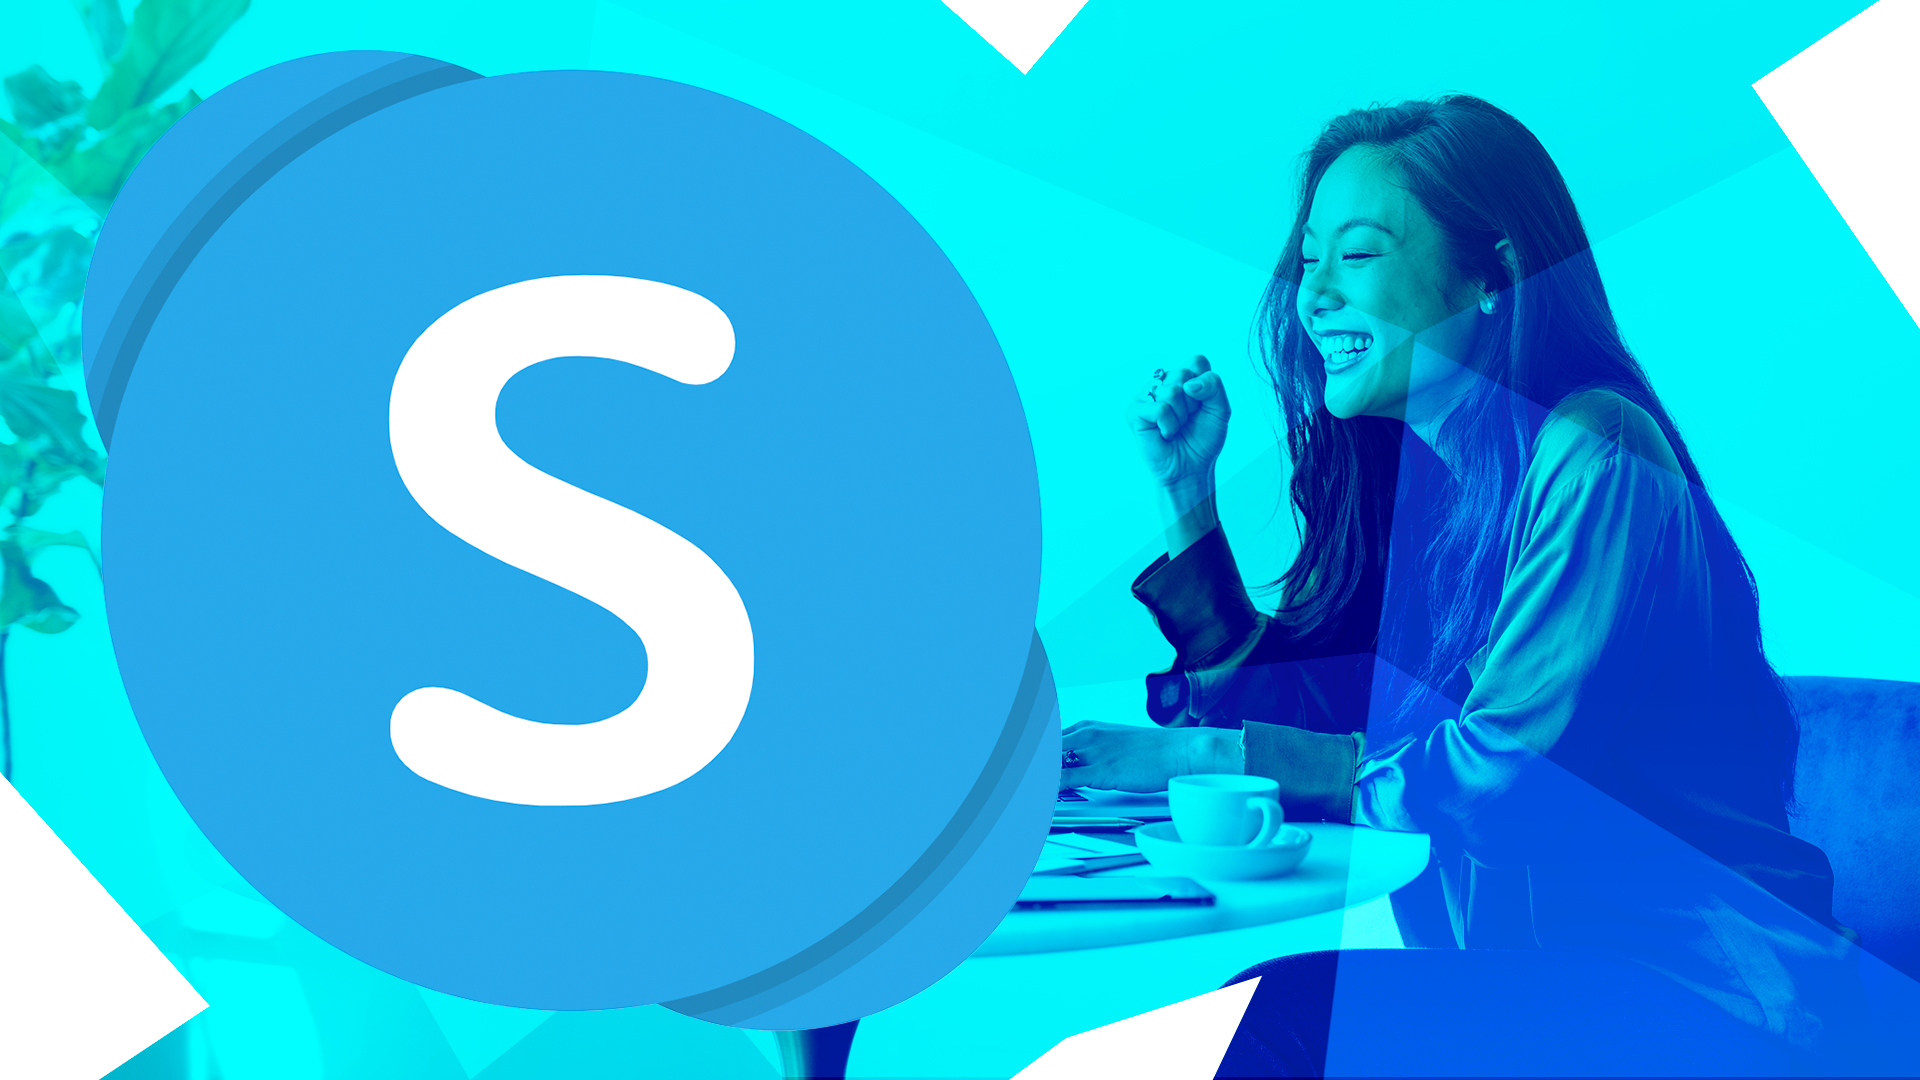 Skype, Skype VoIP, Skype Videotelefonie, Skype Videochat, Skype for Business, Skype Messaging, Microsoft Skype, Skype Logo